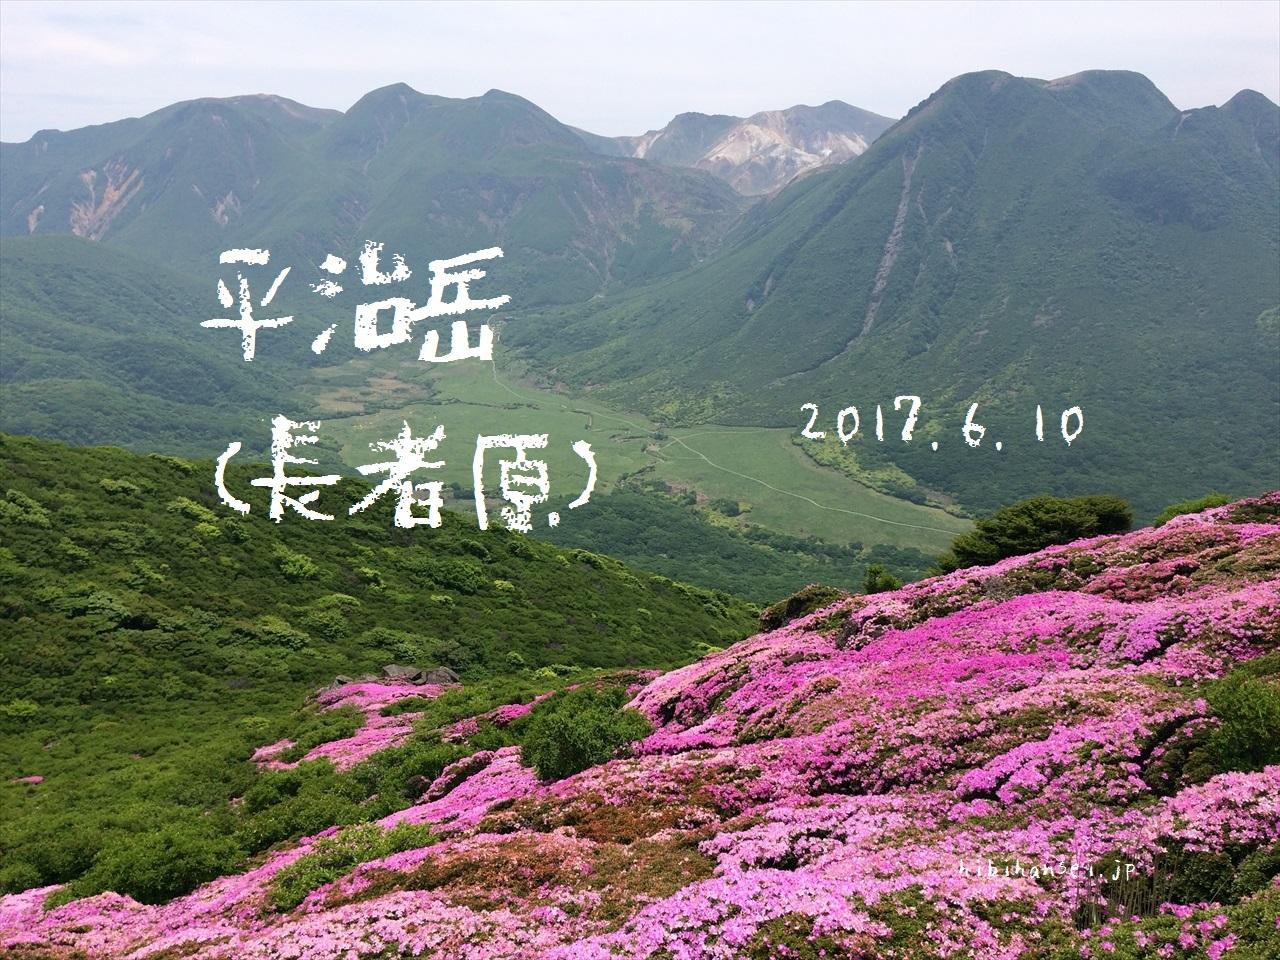 平治岳 花見登山(長者原) ミヤマキリシマ大フィーバー(2017.6.10)